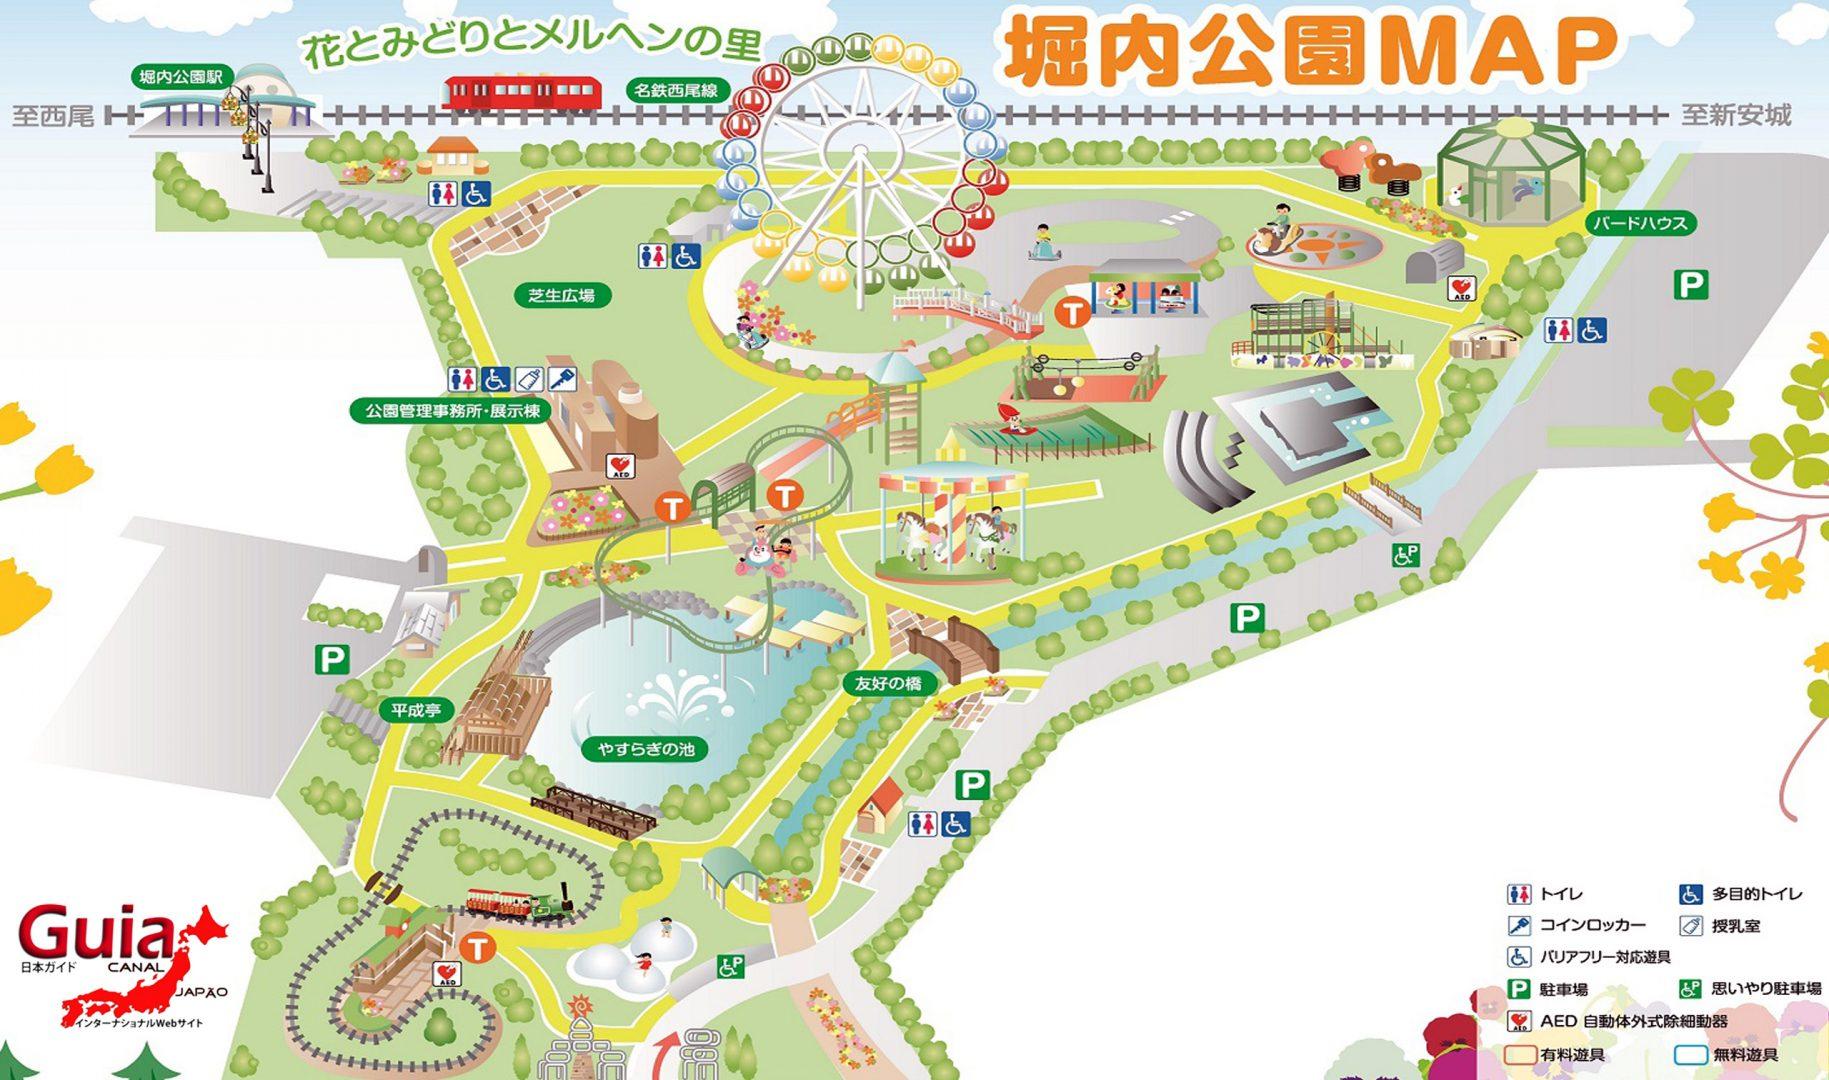 Parque Horiuchi - Anjo 1